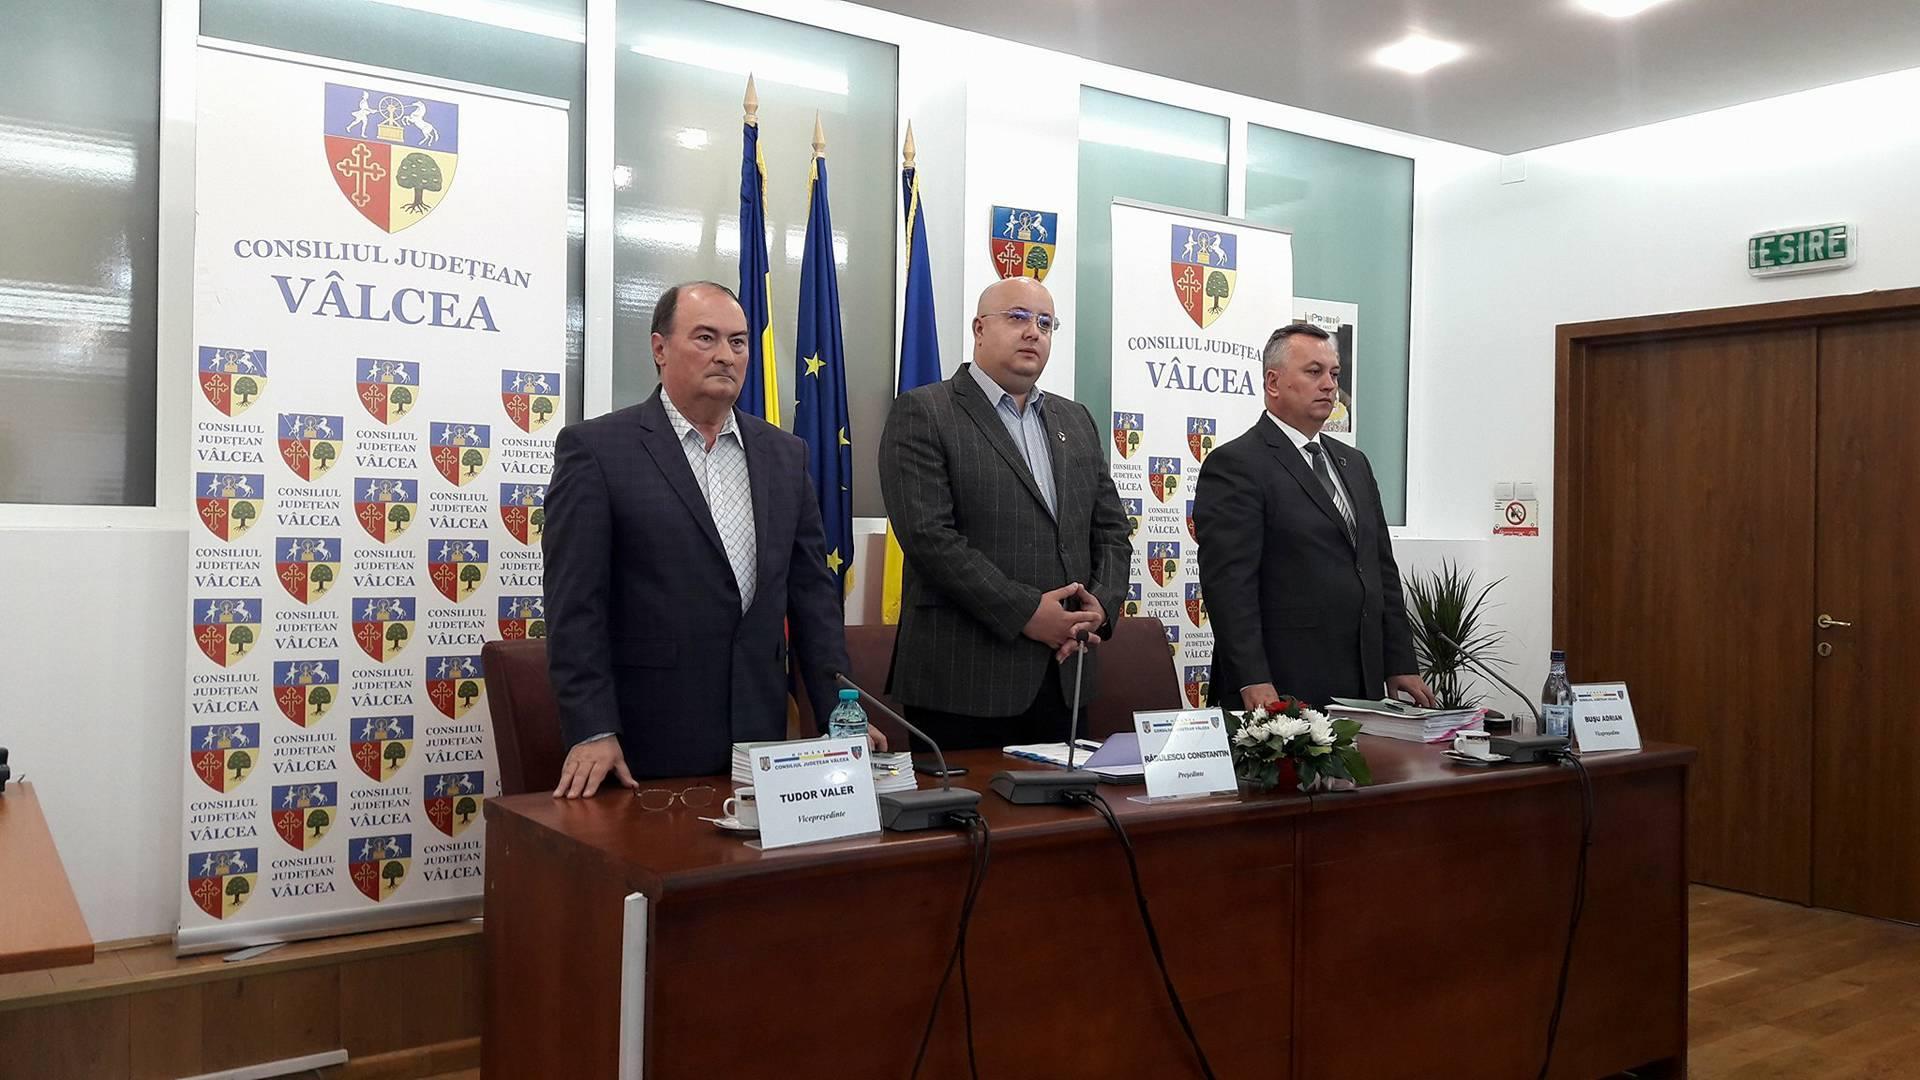 Consiliul Judeţean Vâlcea a revenit asupra deciziei de instituire a taxei salvamont